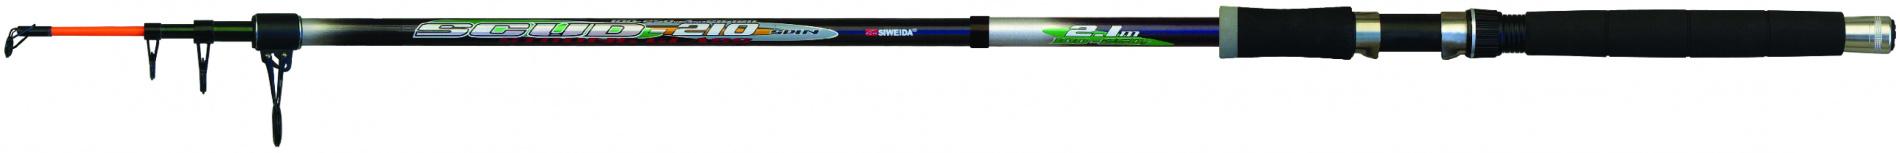 Спиннинг тел. SWD Scud 1,8м (150-300г) (скл. кольцо,чехол)Спинниги<br>Мощный телескопический спиннинг 1,8м тест <br>150-300г изготовленный из стеклопластика. <br>Мощный бланк позволяет далеко забрасывать <br>тяжелые приманки и кормушки. Может использоваться <br>как донная удочка. Наличие последнего складного <br>кольца снижает вероятность повреждения <br>спиннинга при транспортировке. Комплектуется <br>чехлом.<br>